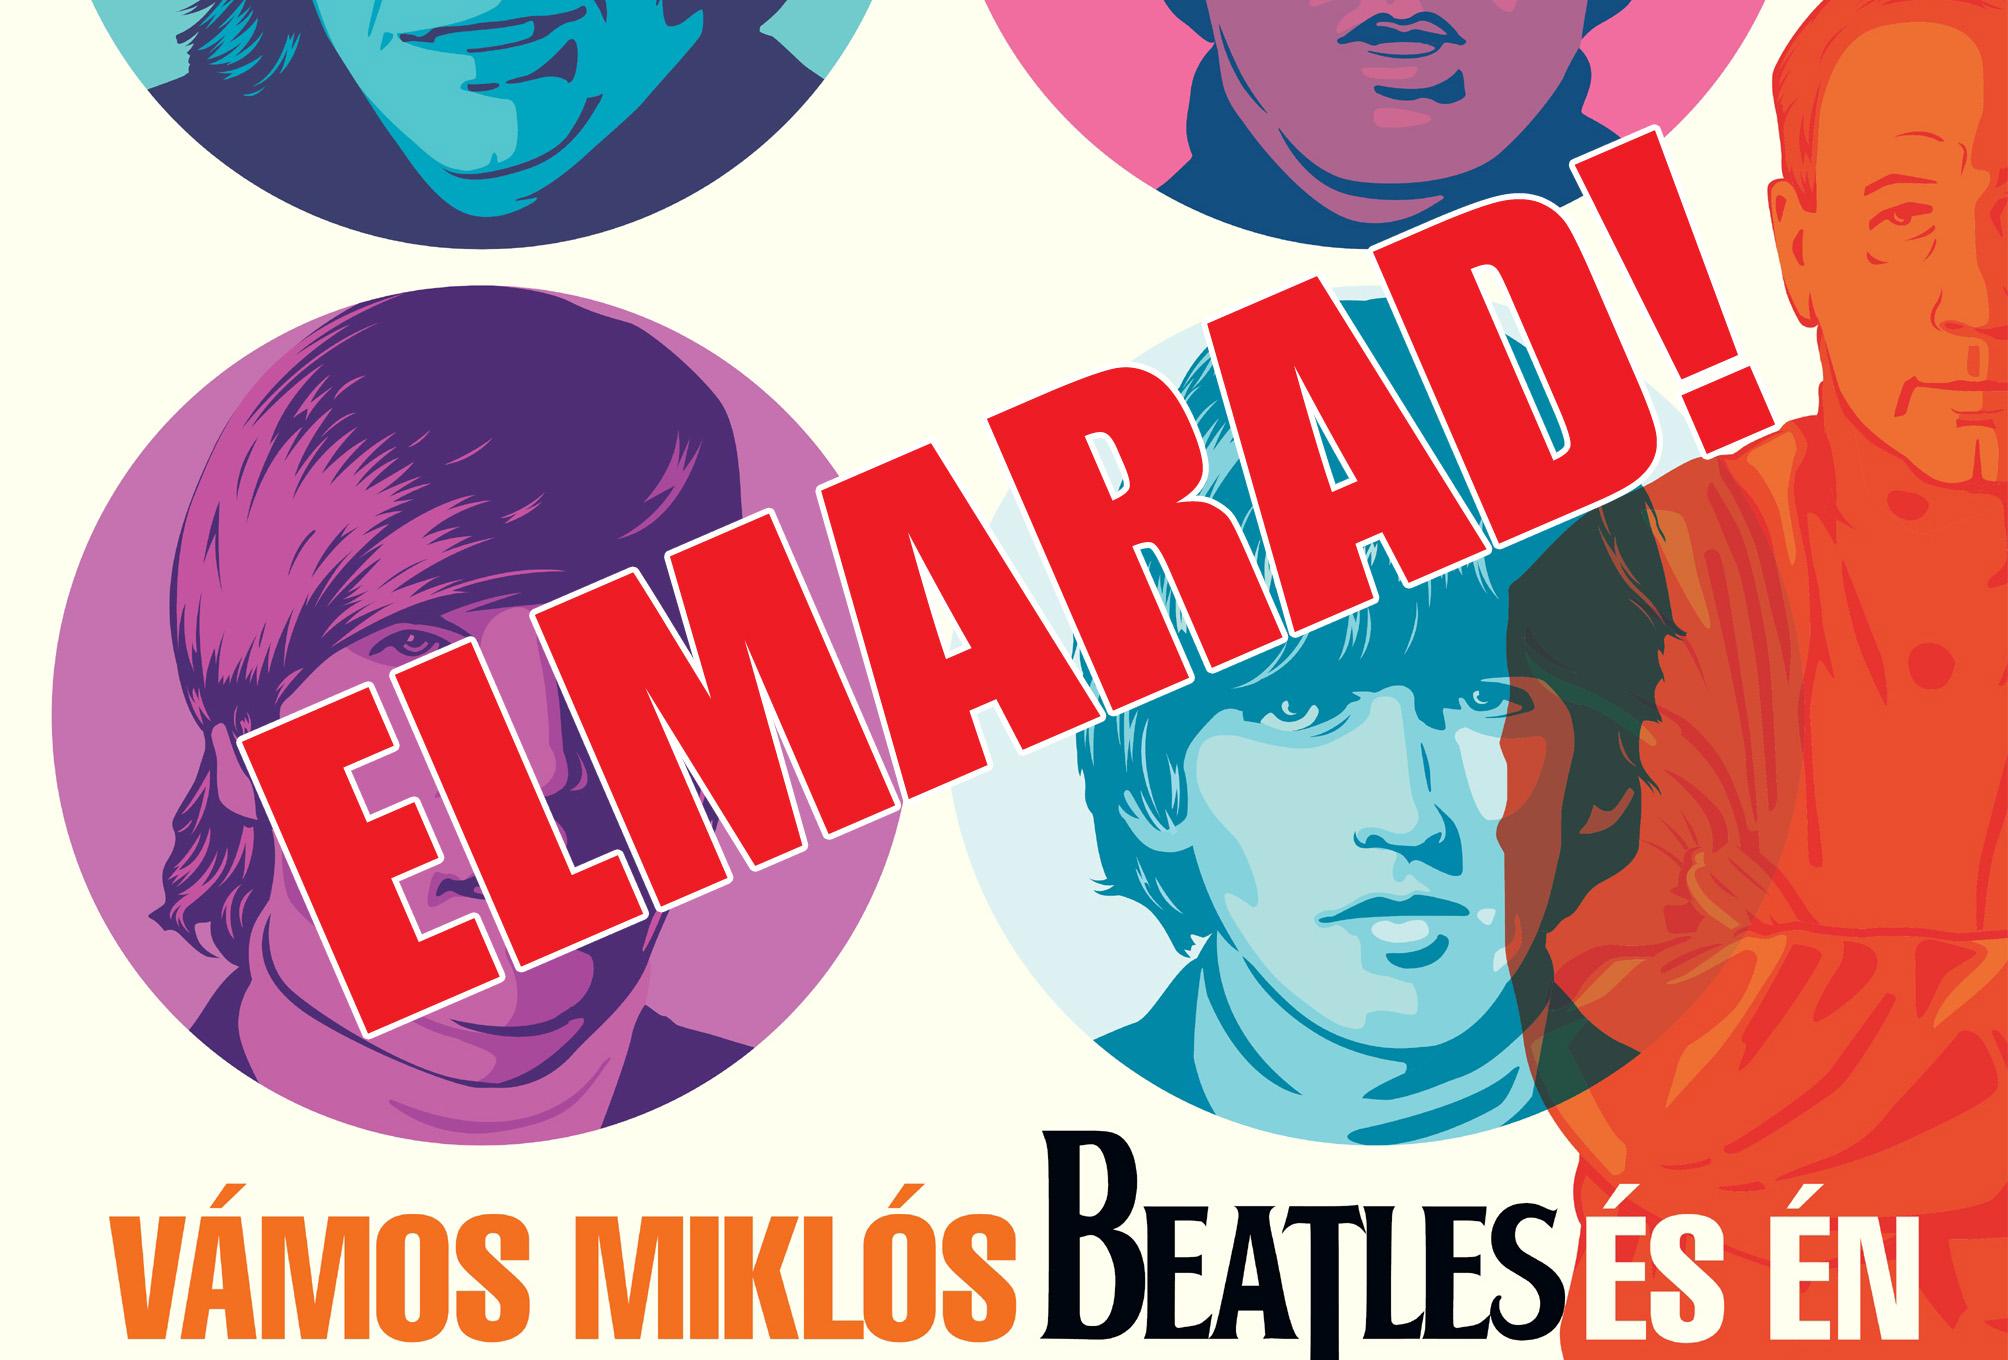 Vamos_Beatles_es_elmarad